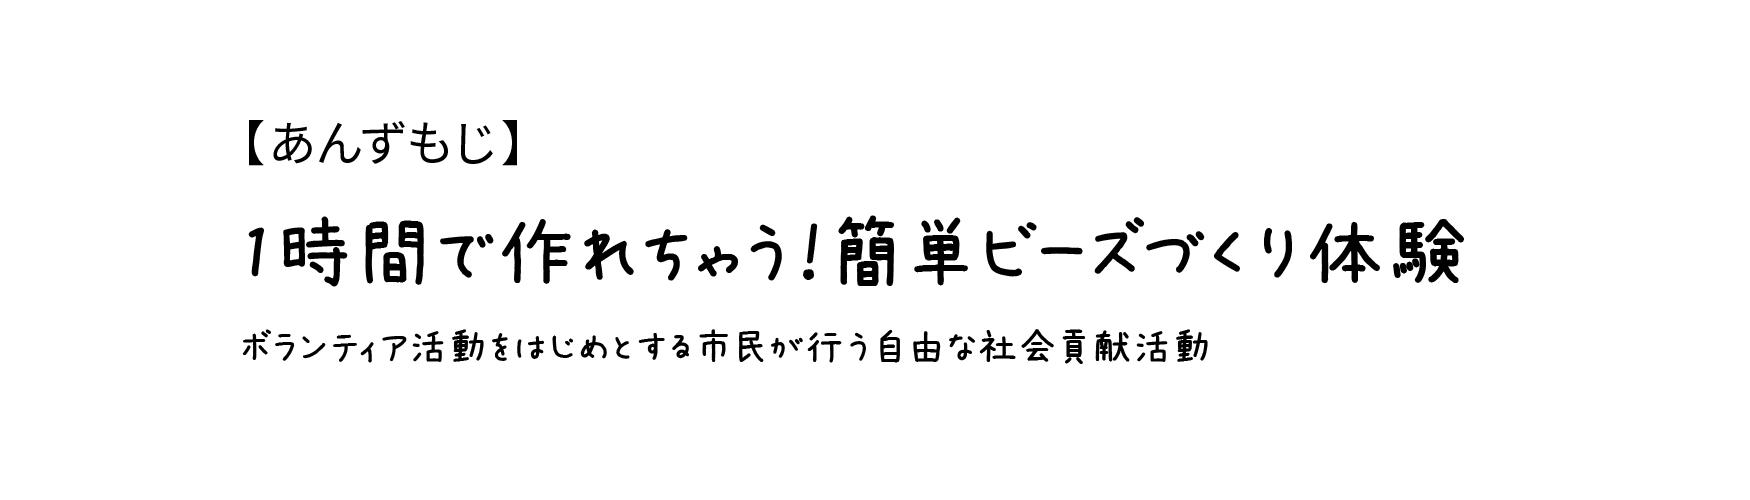 170508image630x360_sumple_anzu